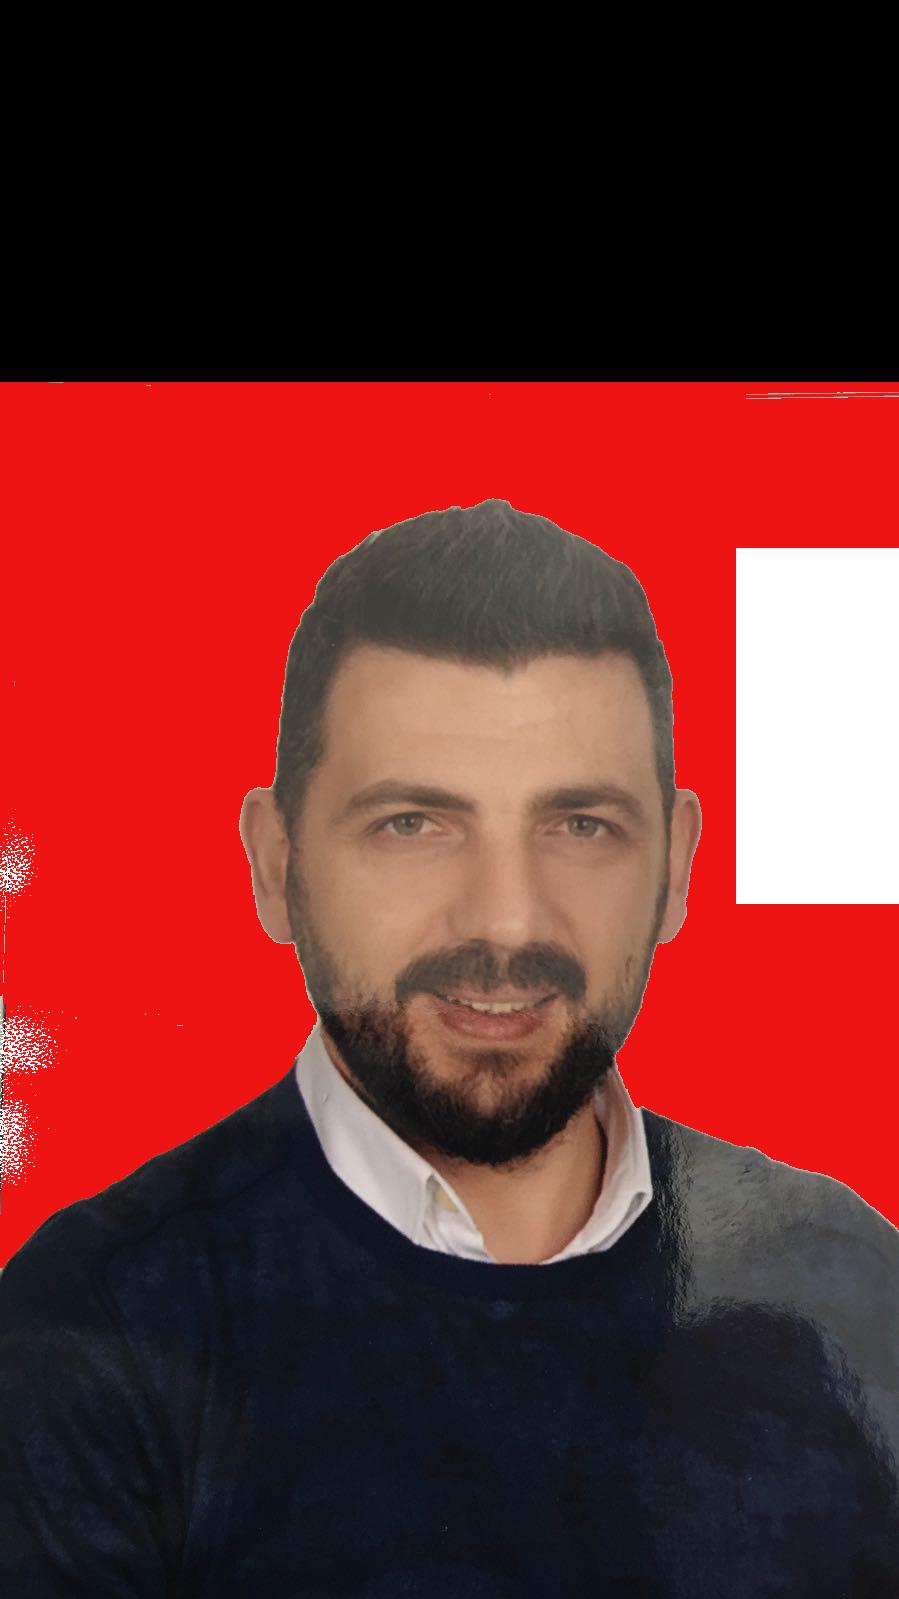 Mustafa Hüsnü YAZICI